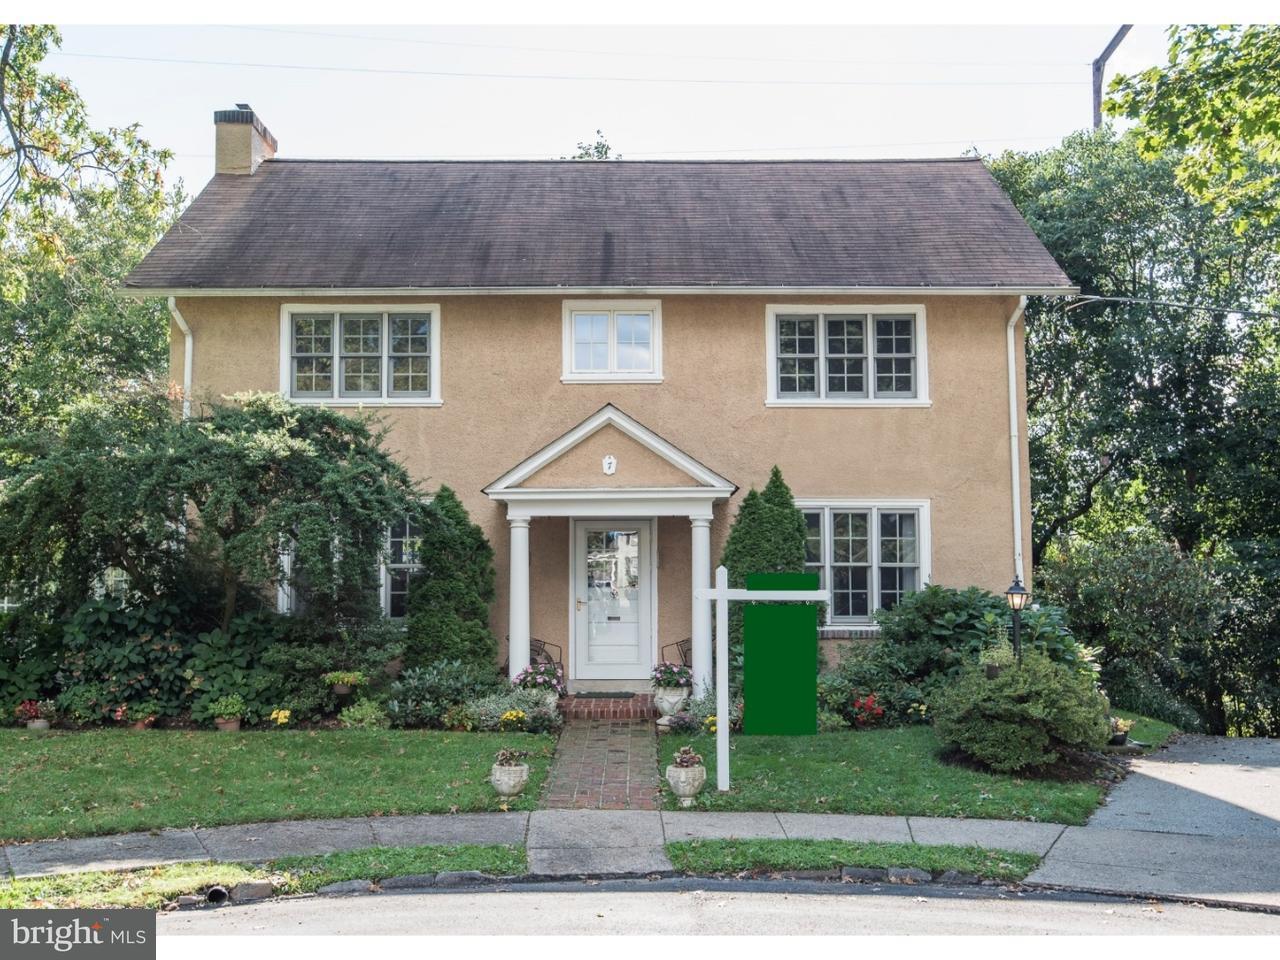 Casa Unifamiliar por un Venta en 7 W NEWFIELD WAY Bala Cynwyd, Pennsylvania 19004 Estados Unidos